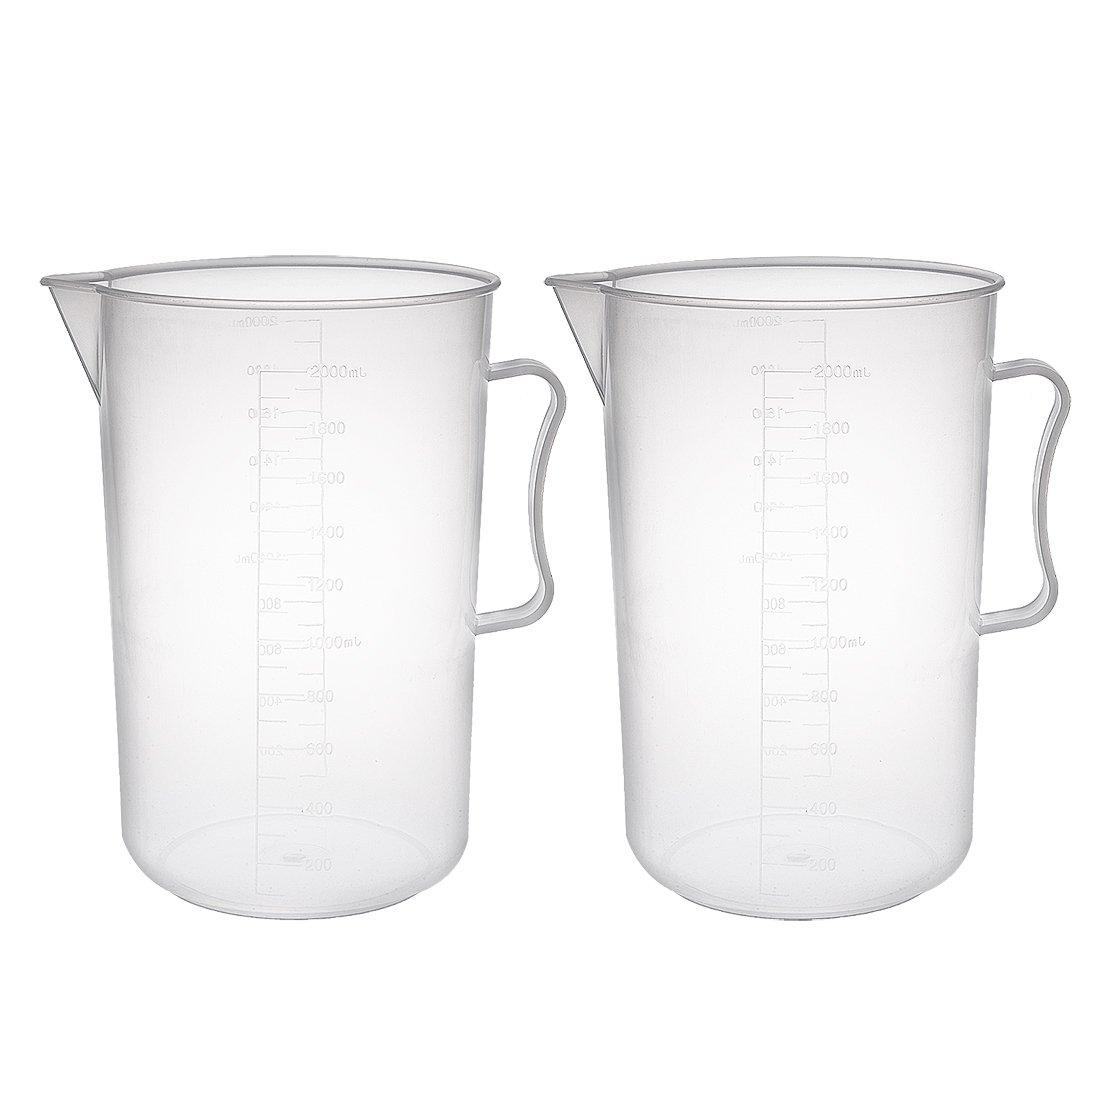 uxcell Kitchen Lab 200mL Plastic Measuring Cup Jug Pour Spout Container 2pcs